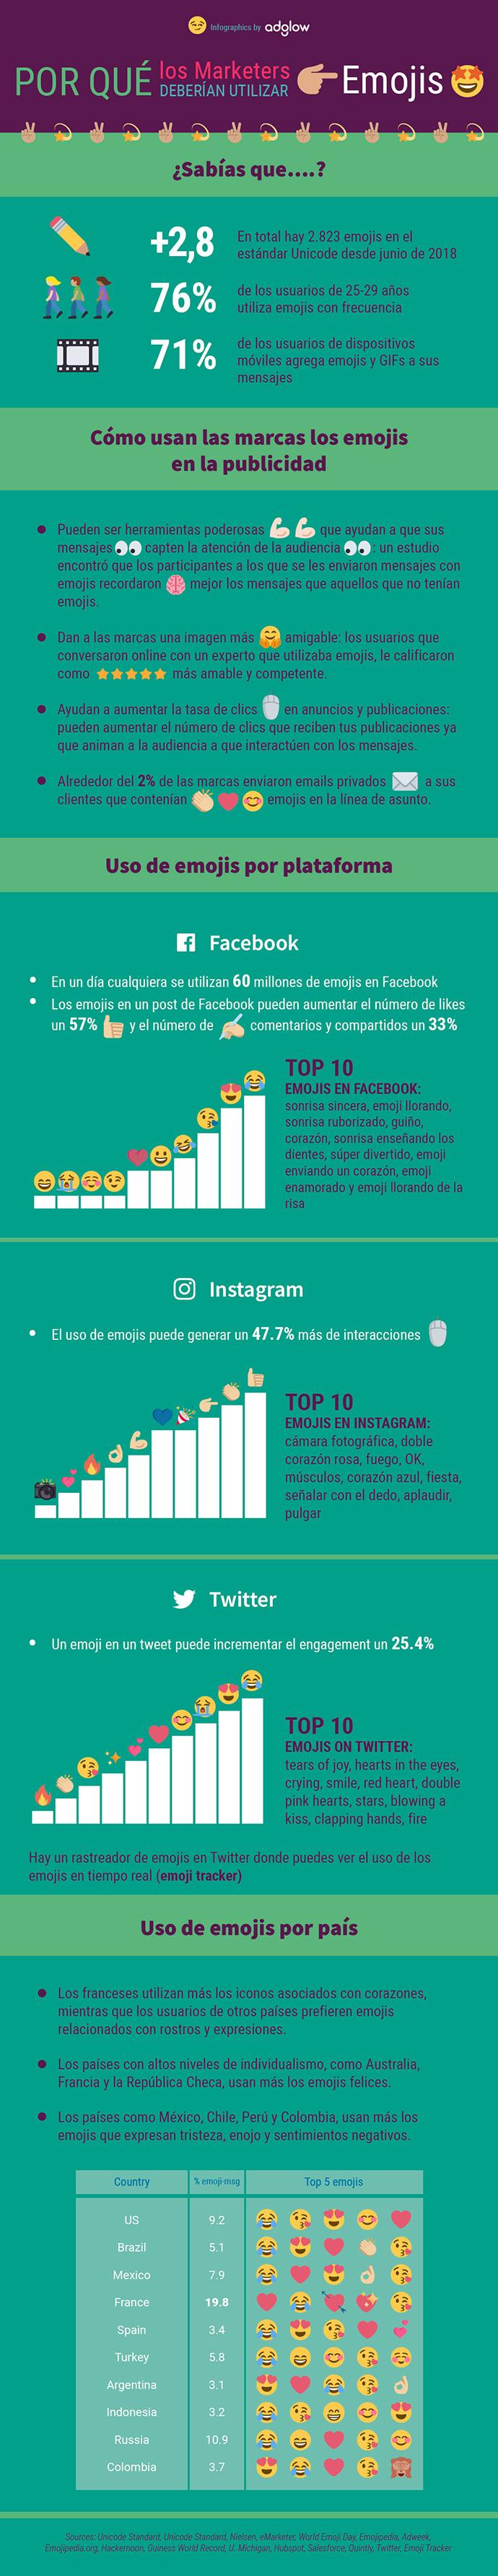 Por qué usar emojis en marketing